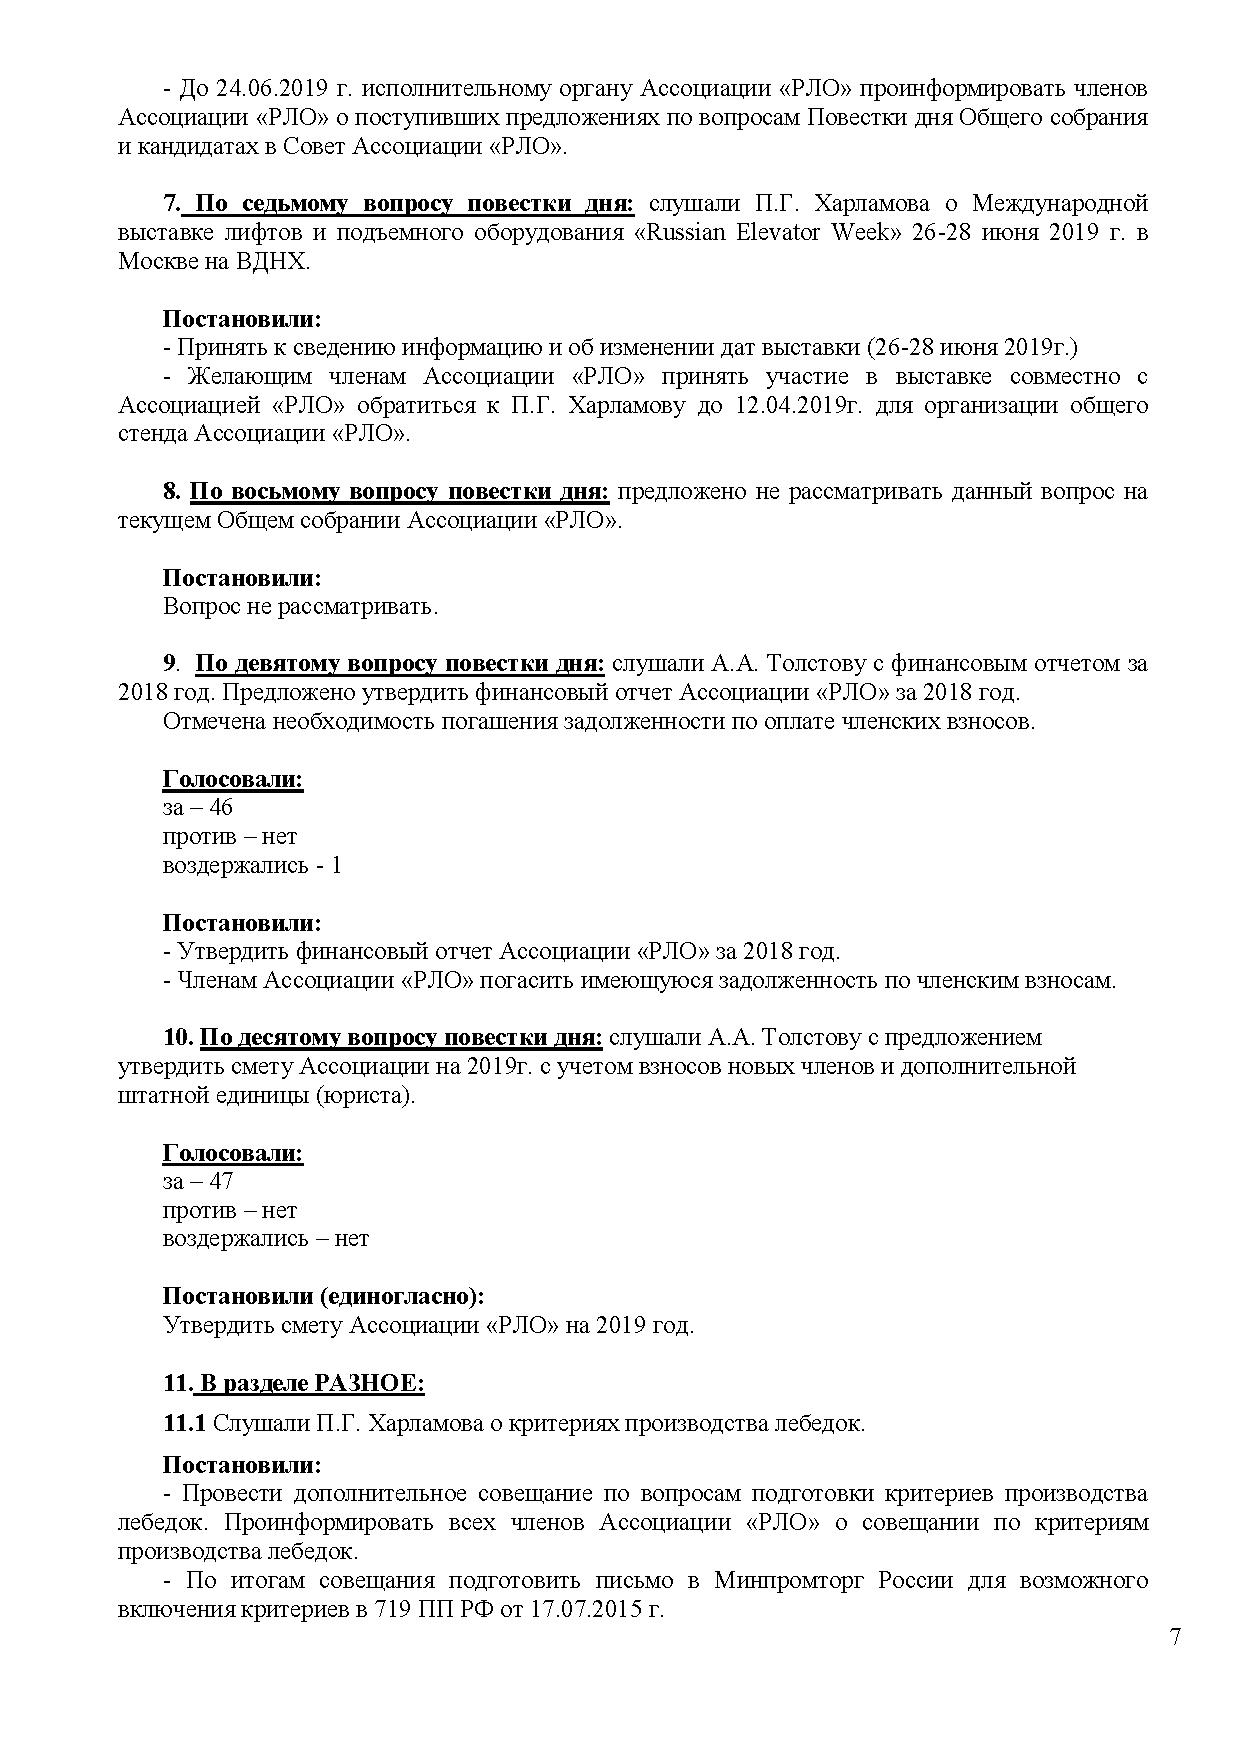 Протокол №1 Общего собрания Ассоциации РЛО 03.04.2019г.